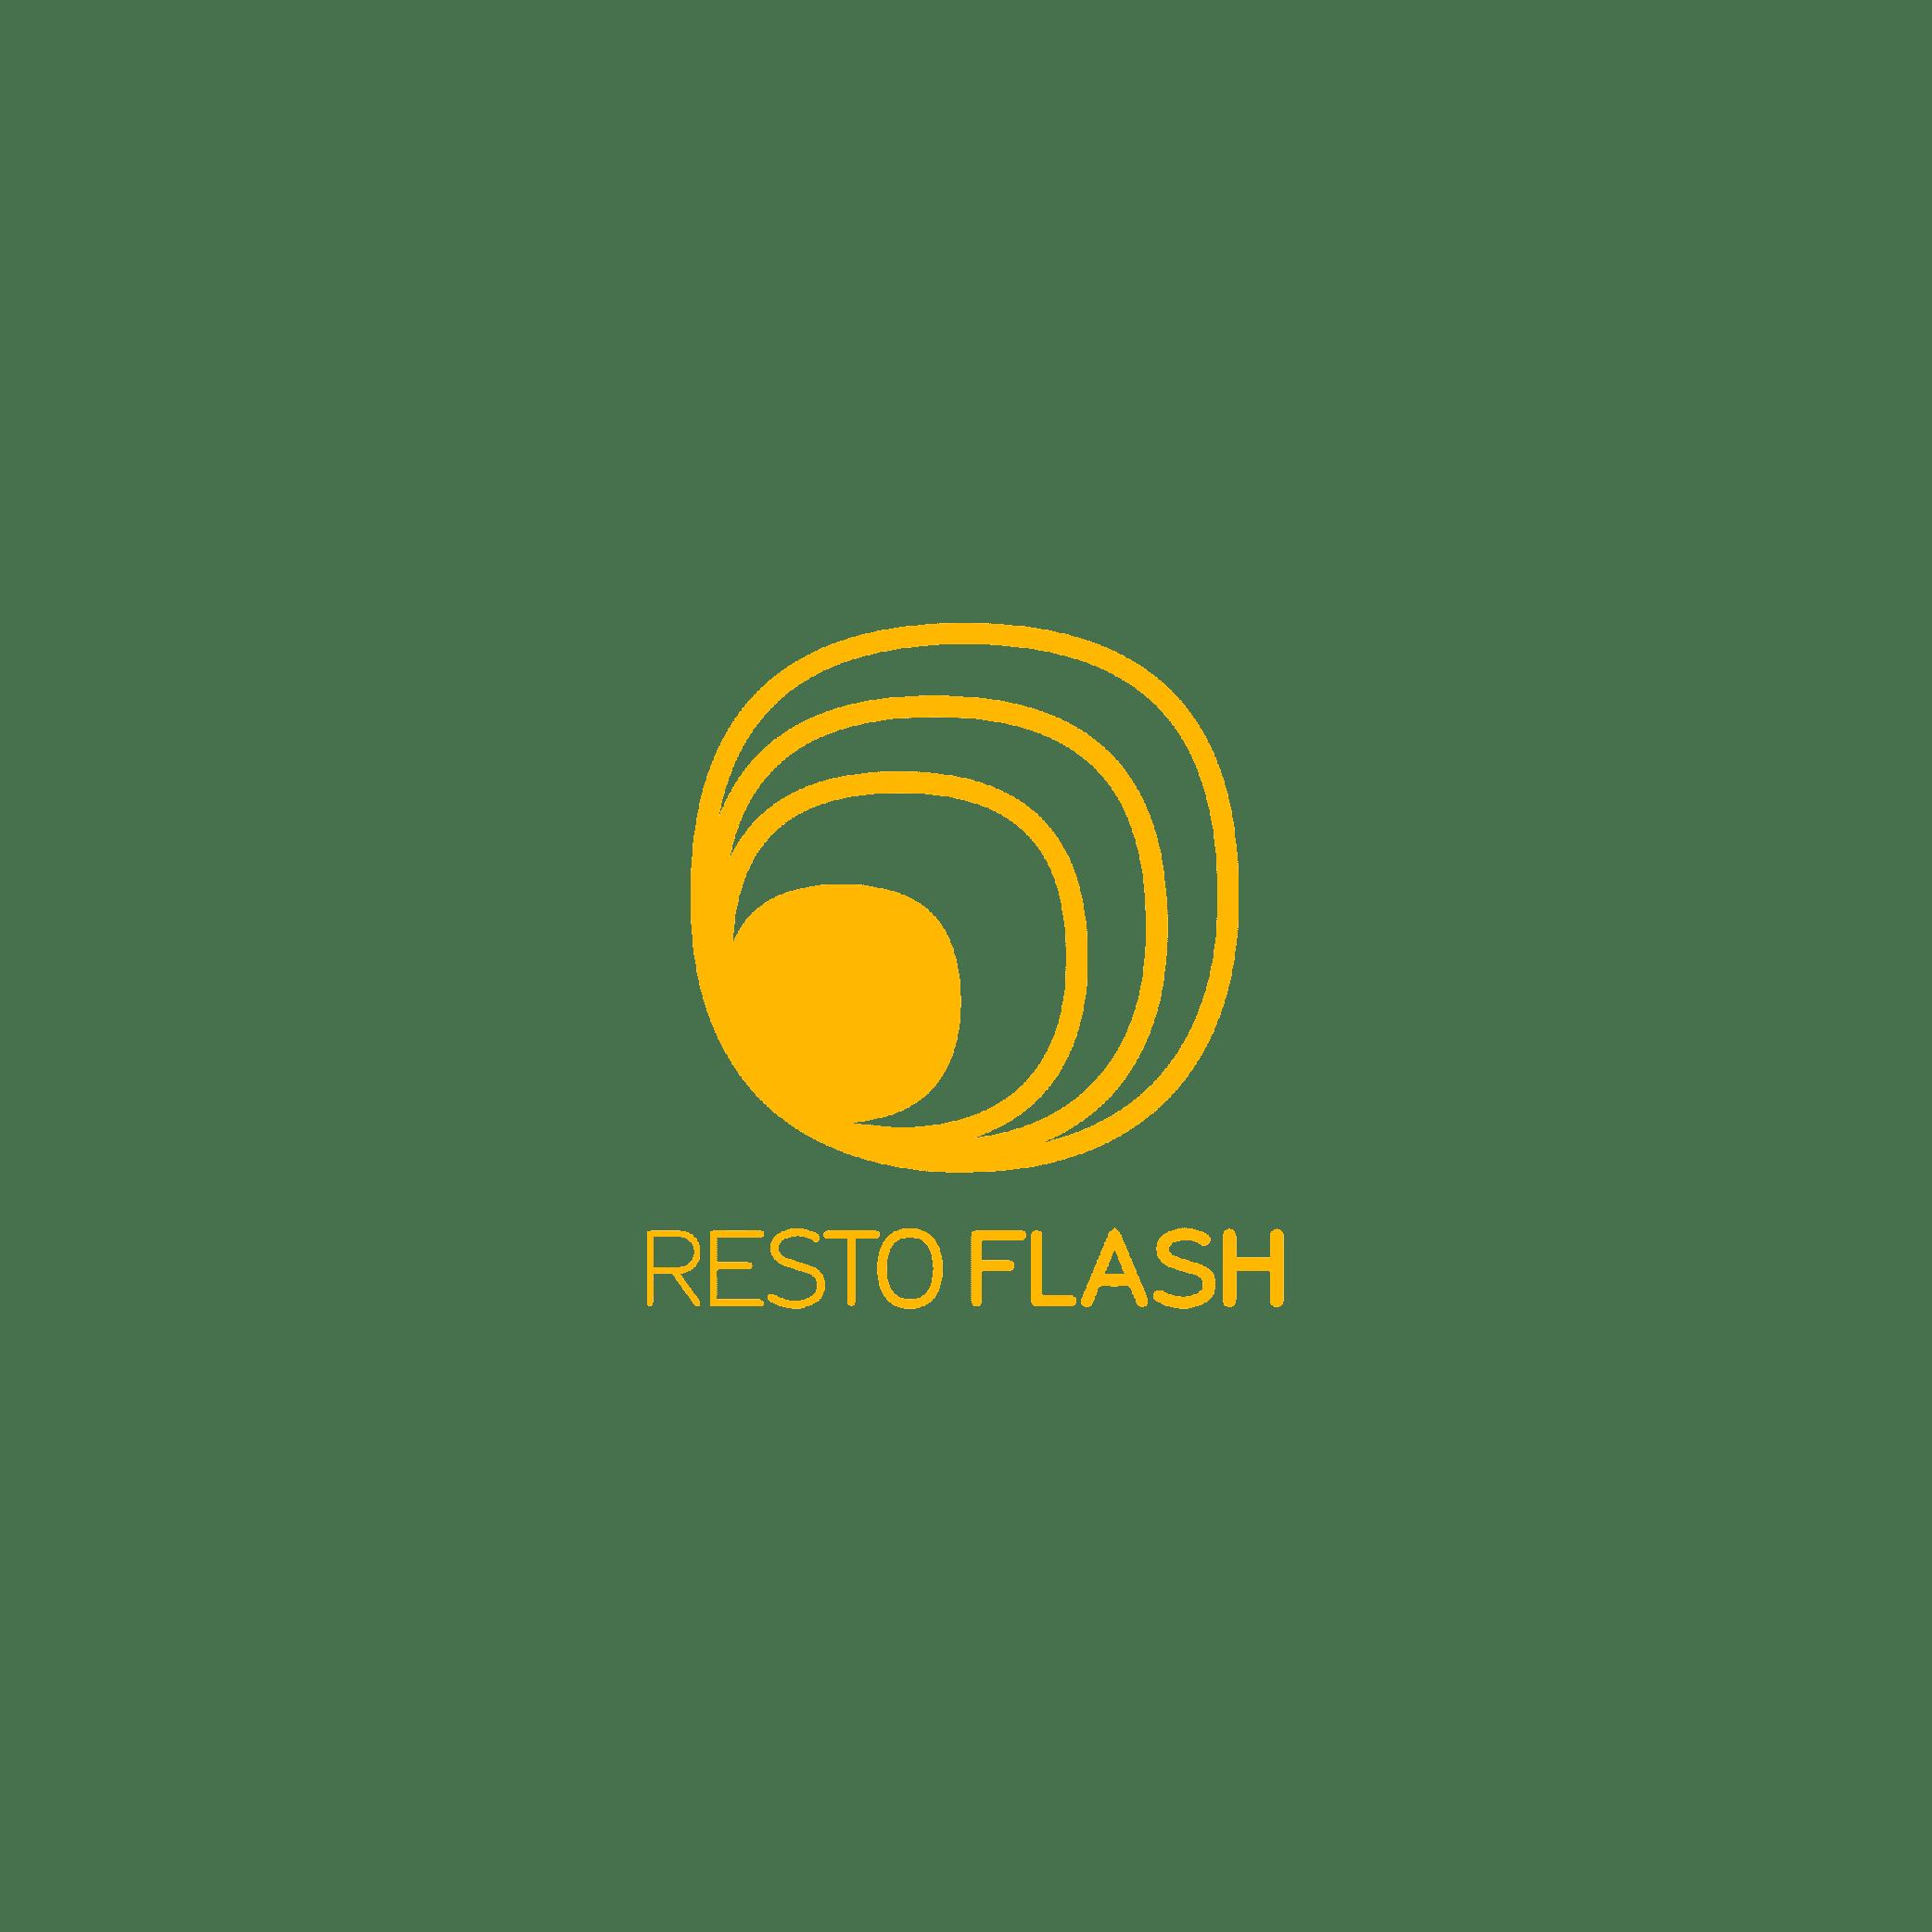 restoflash